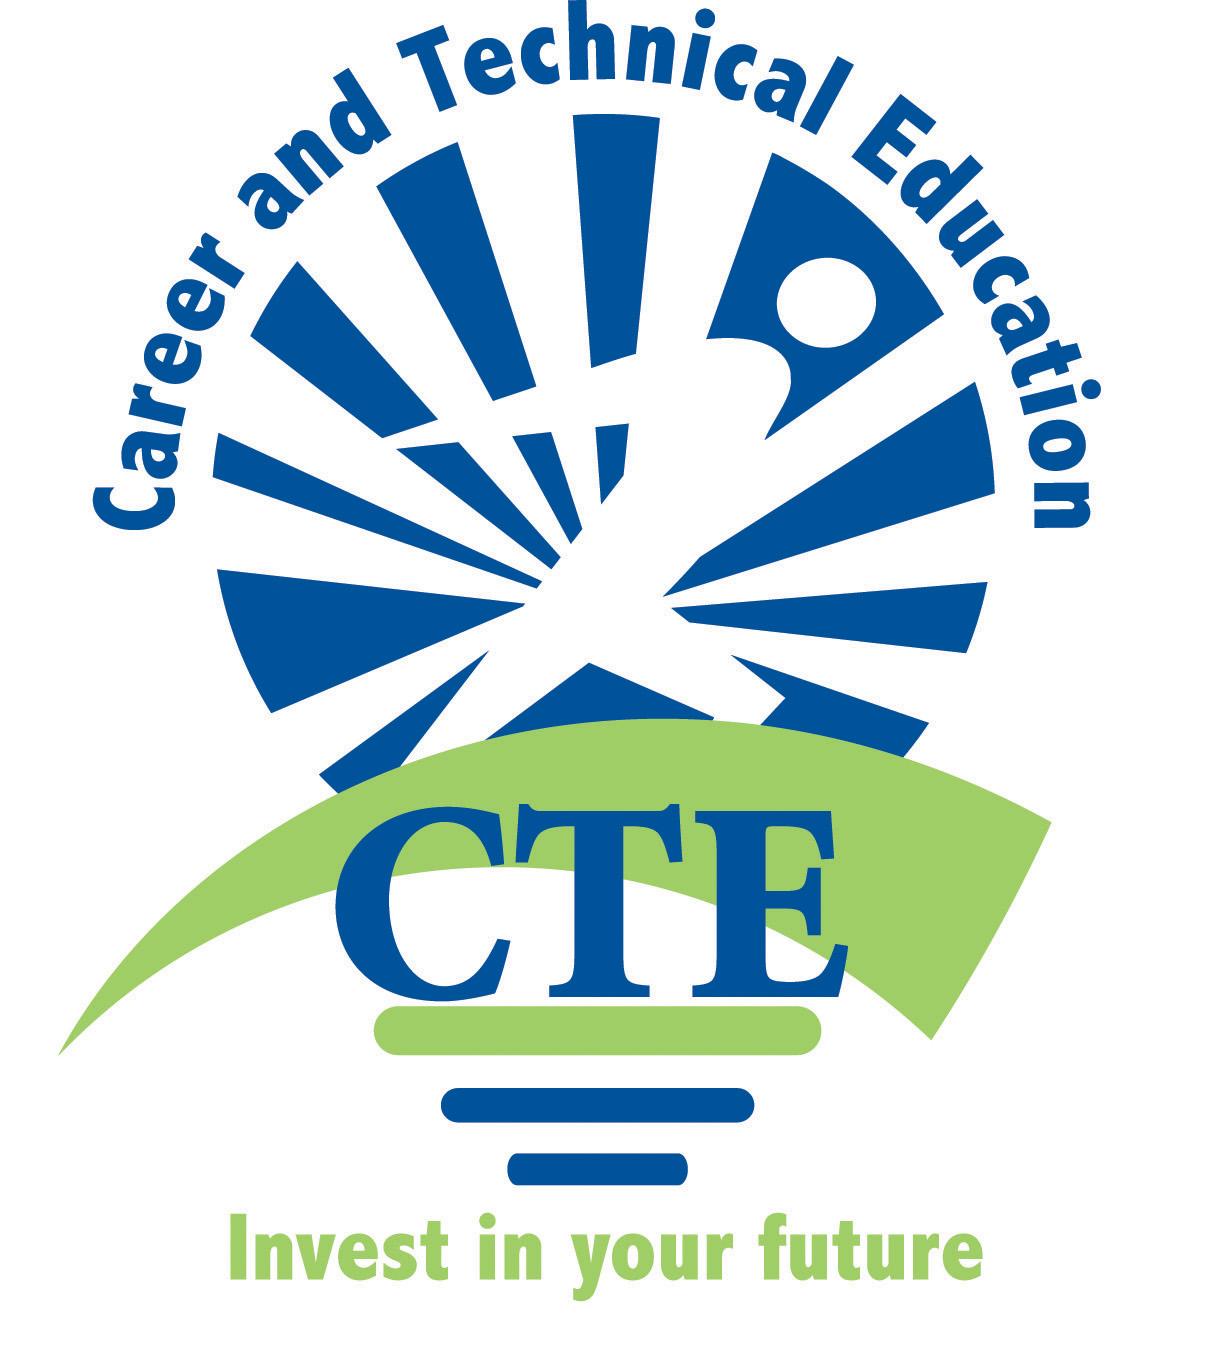 ACTE Announces 2012 CTE Logo Design Contest   Third Floor BPA